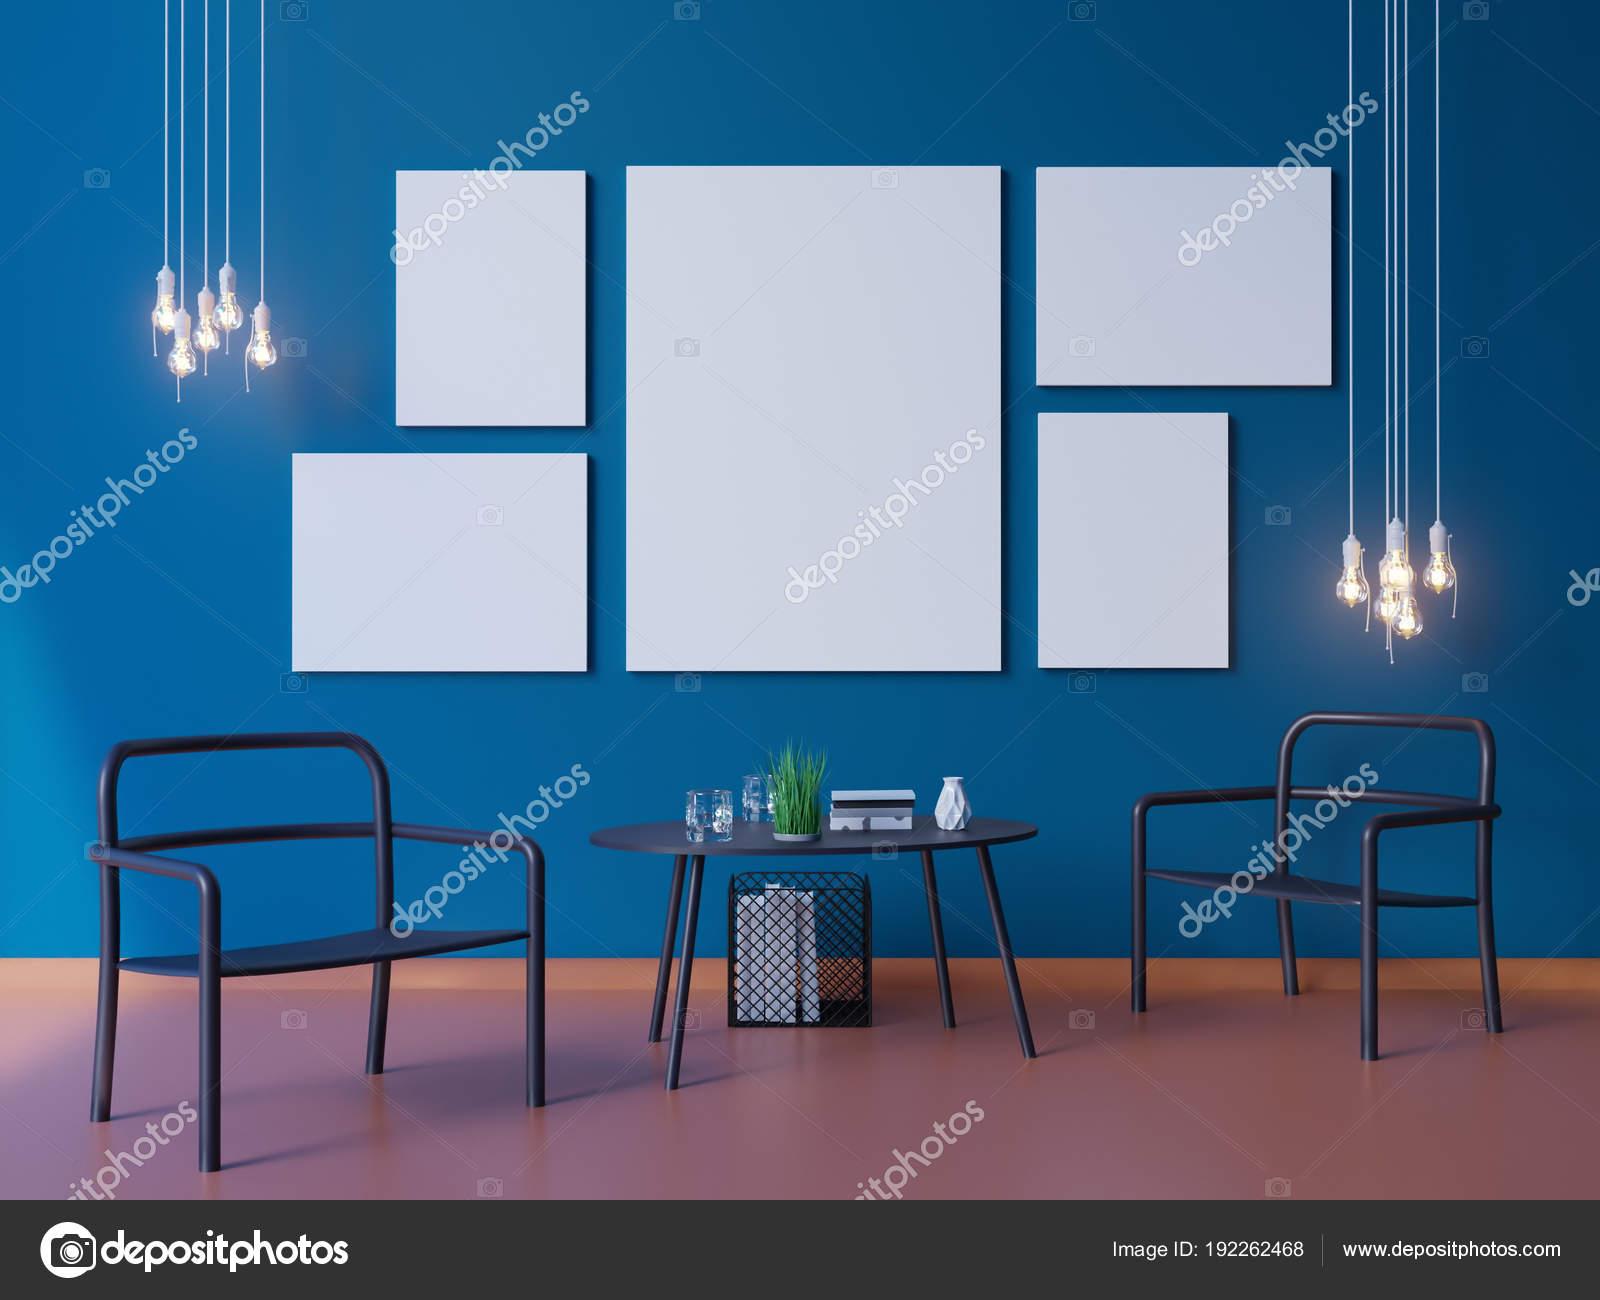 広いモダンなブルーの壁紙とインテリア レイアウト装飾 3 D